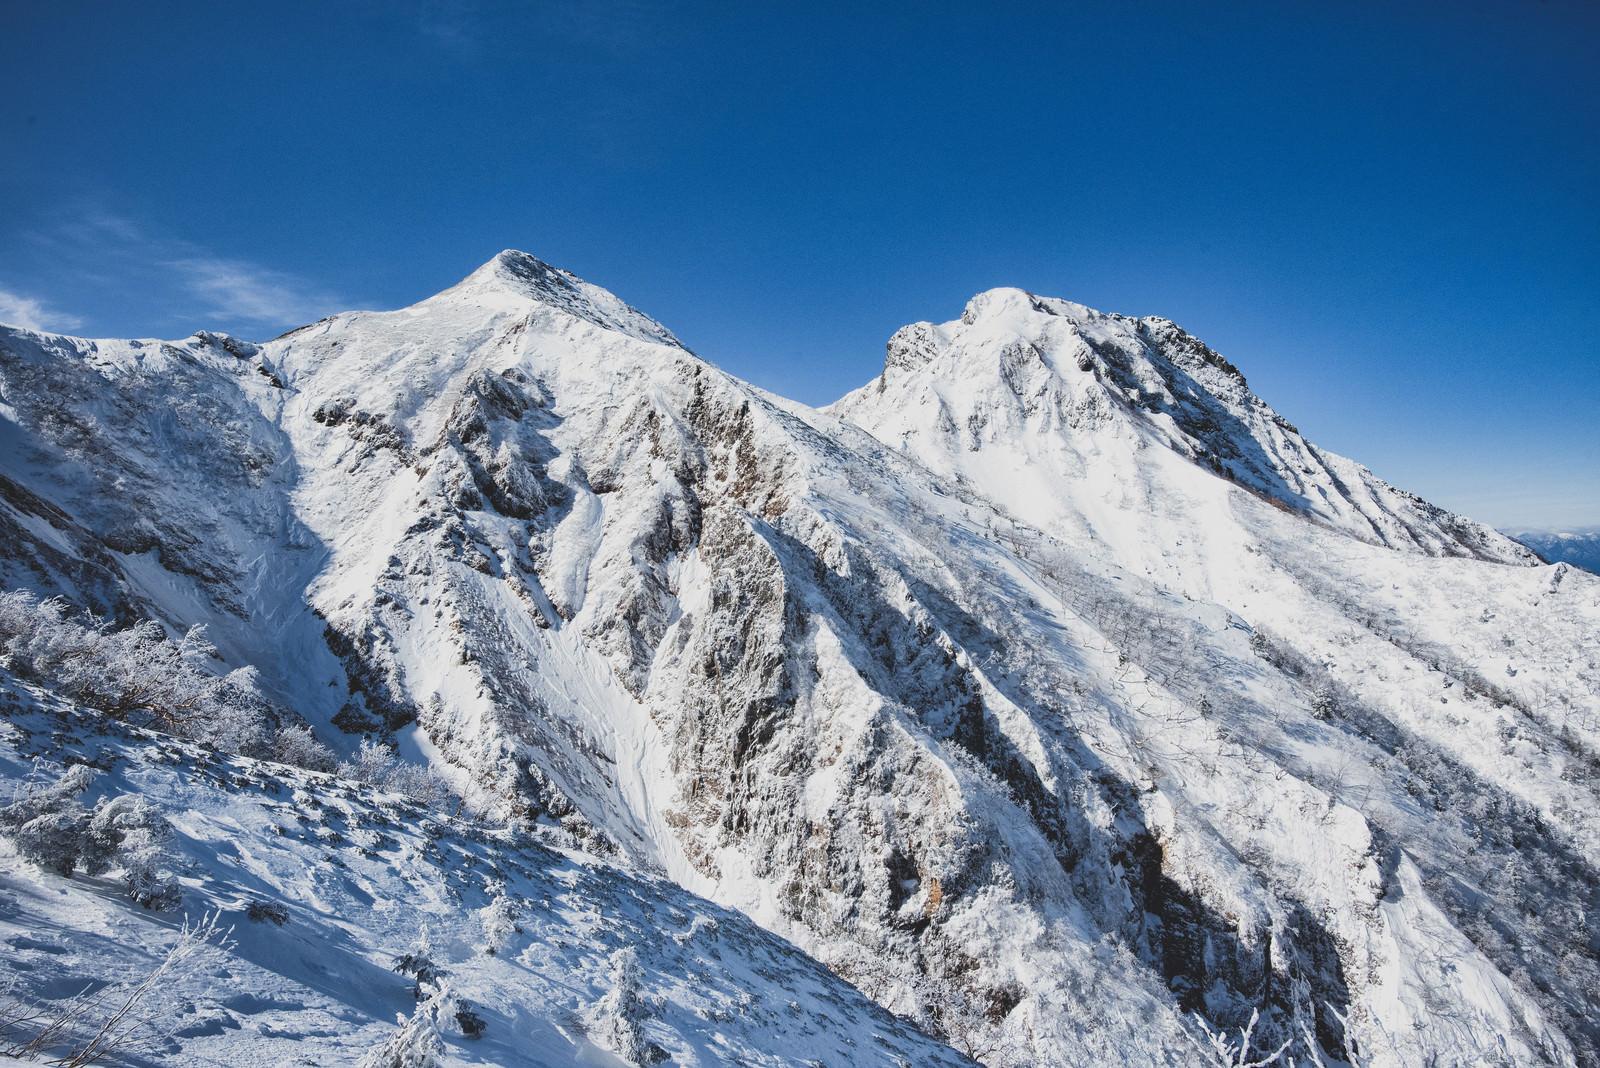 「冬の中岳と阿弥陀岳」の写真